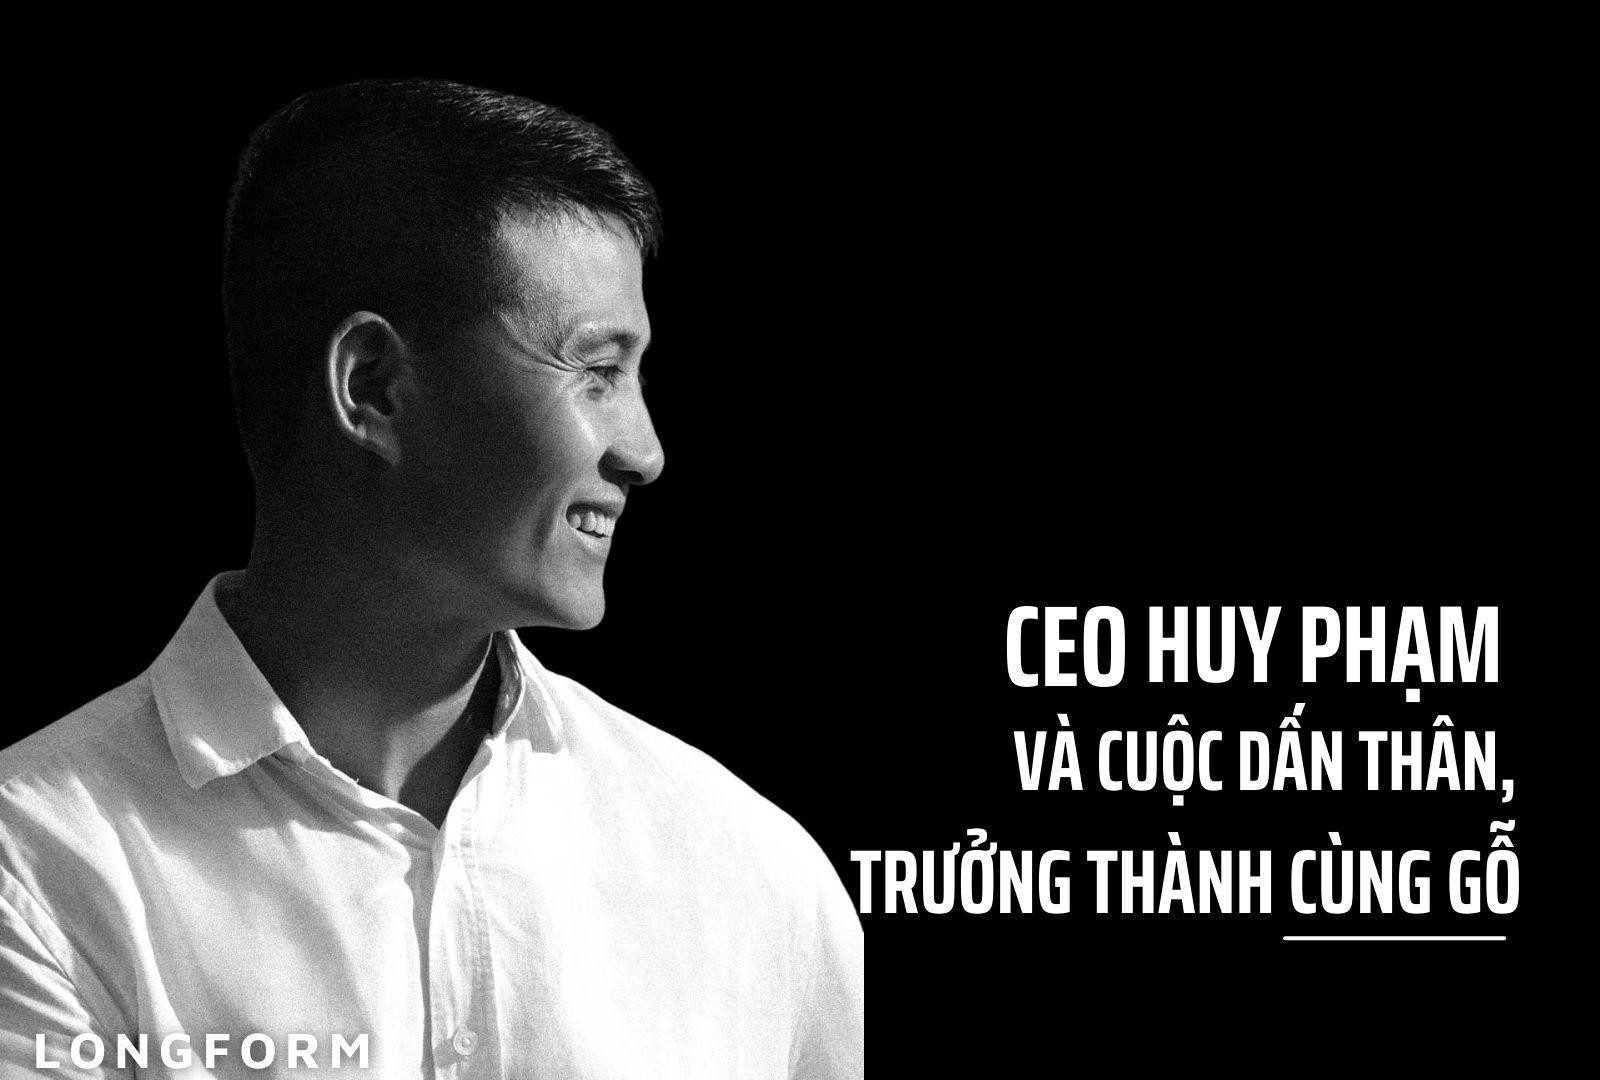 CEO Huy Phạm và cuộc dấn thân, trưởng thành cùng gỗ